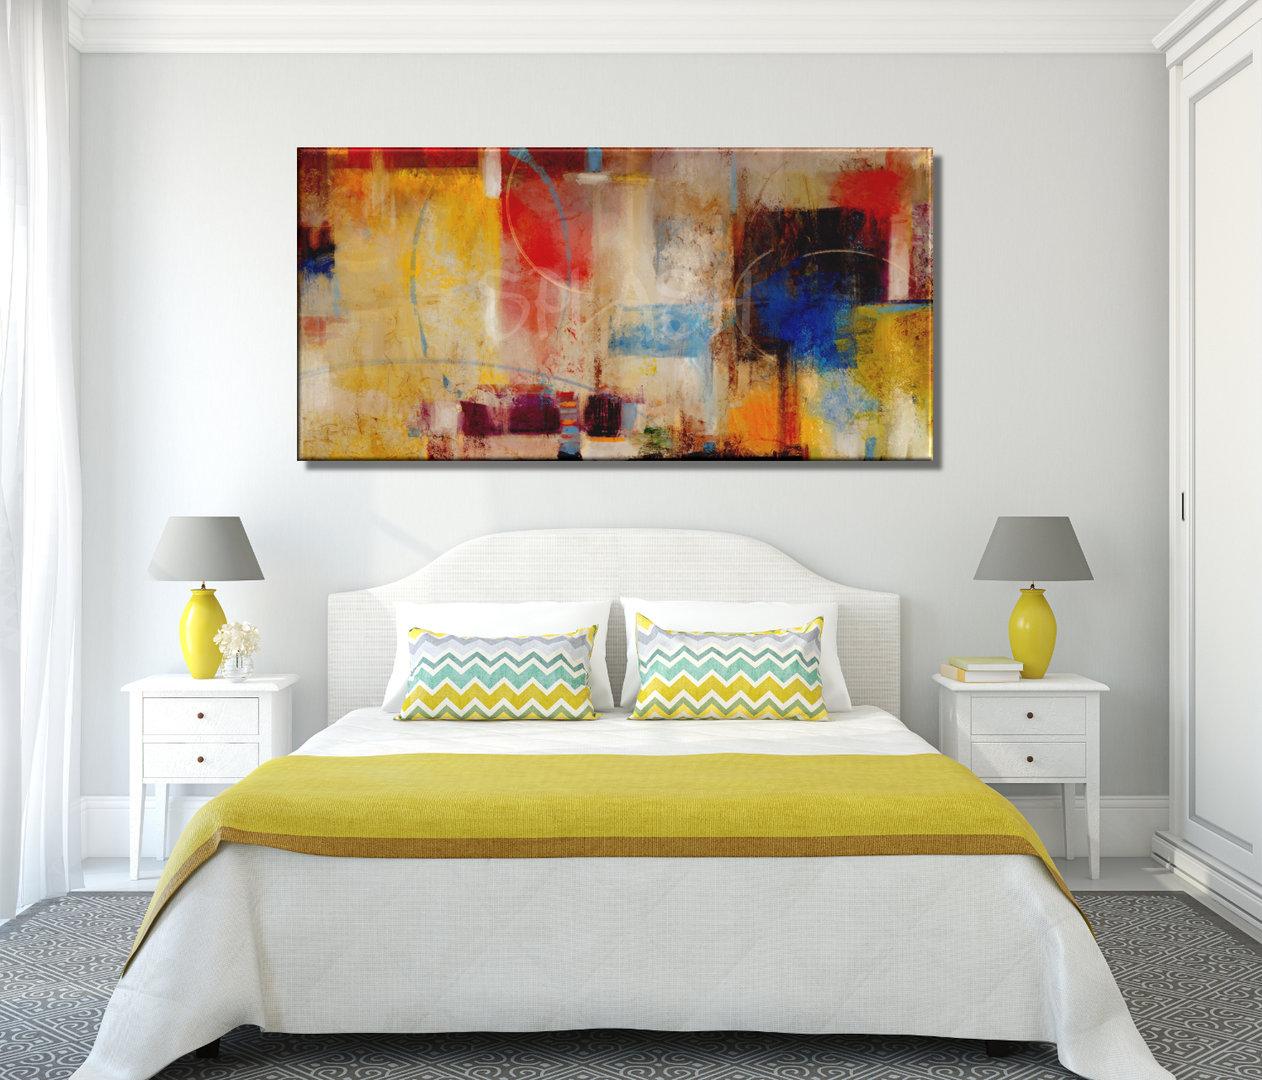 Cuadros abstractos modernos pintados coloridos grandes - Cuadros abstractos para salon ...